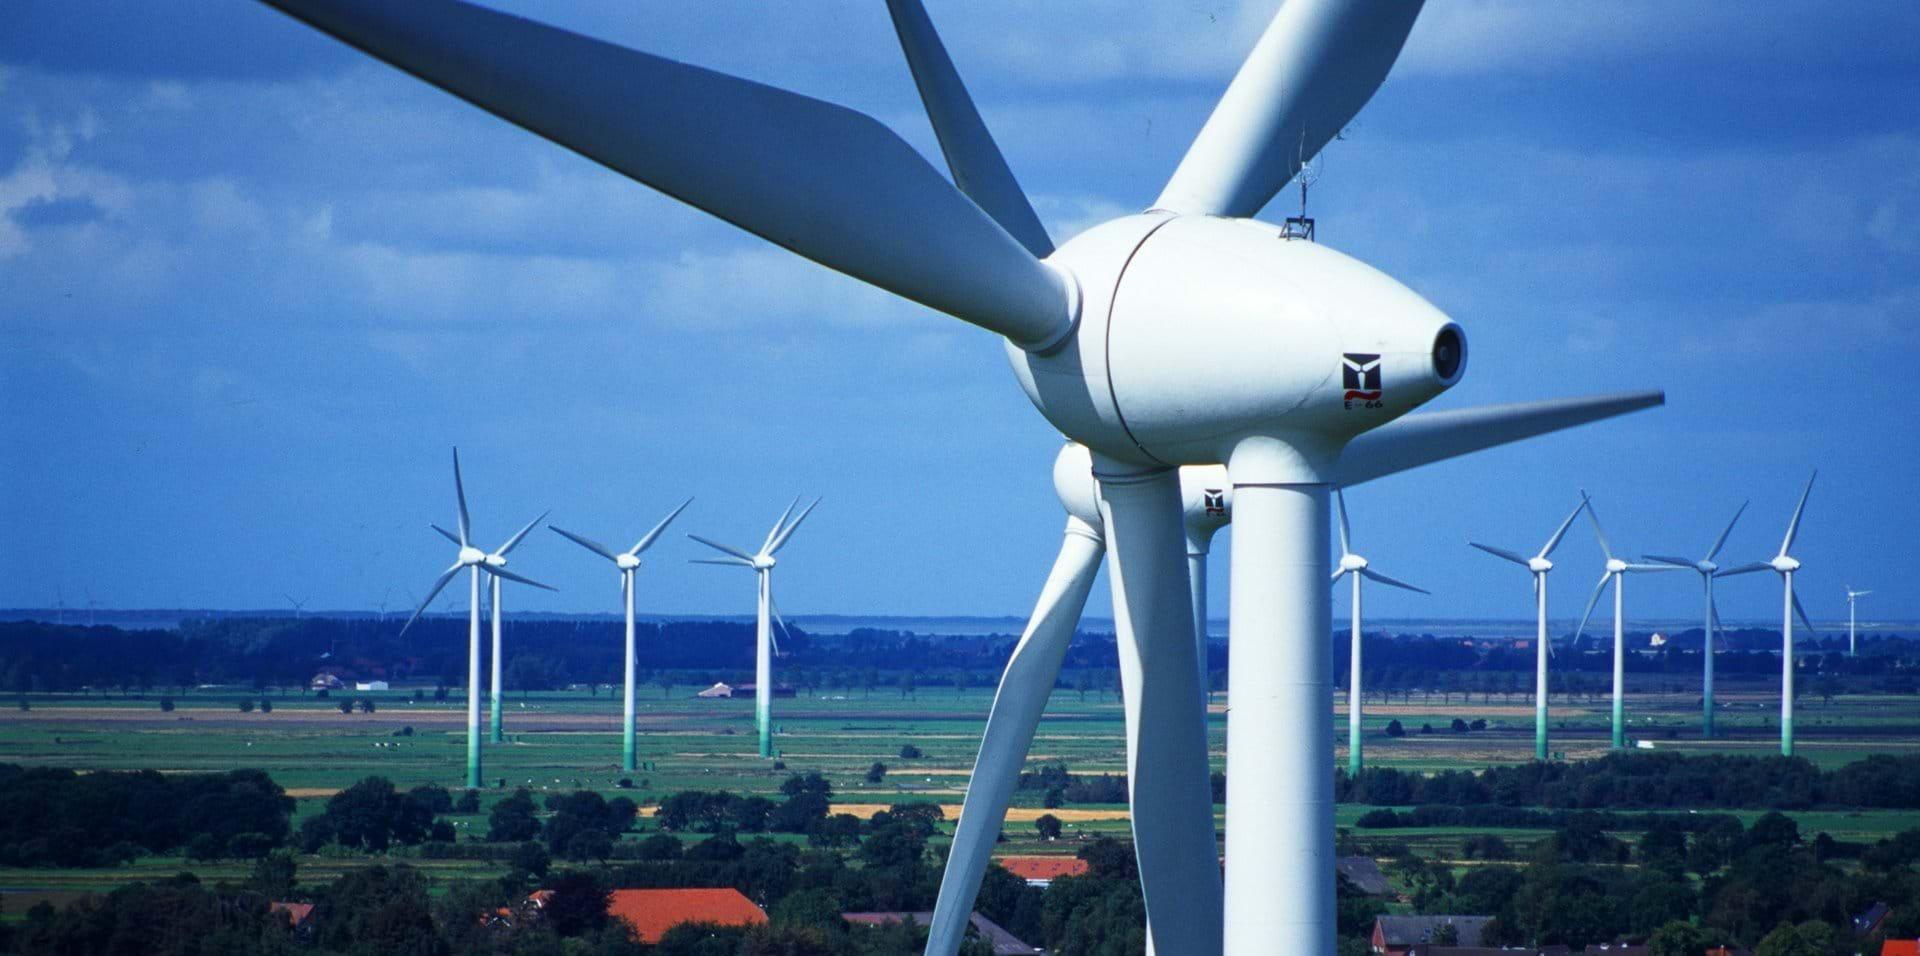 pembangkit listrik kerakyatan ramah lingkungan